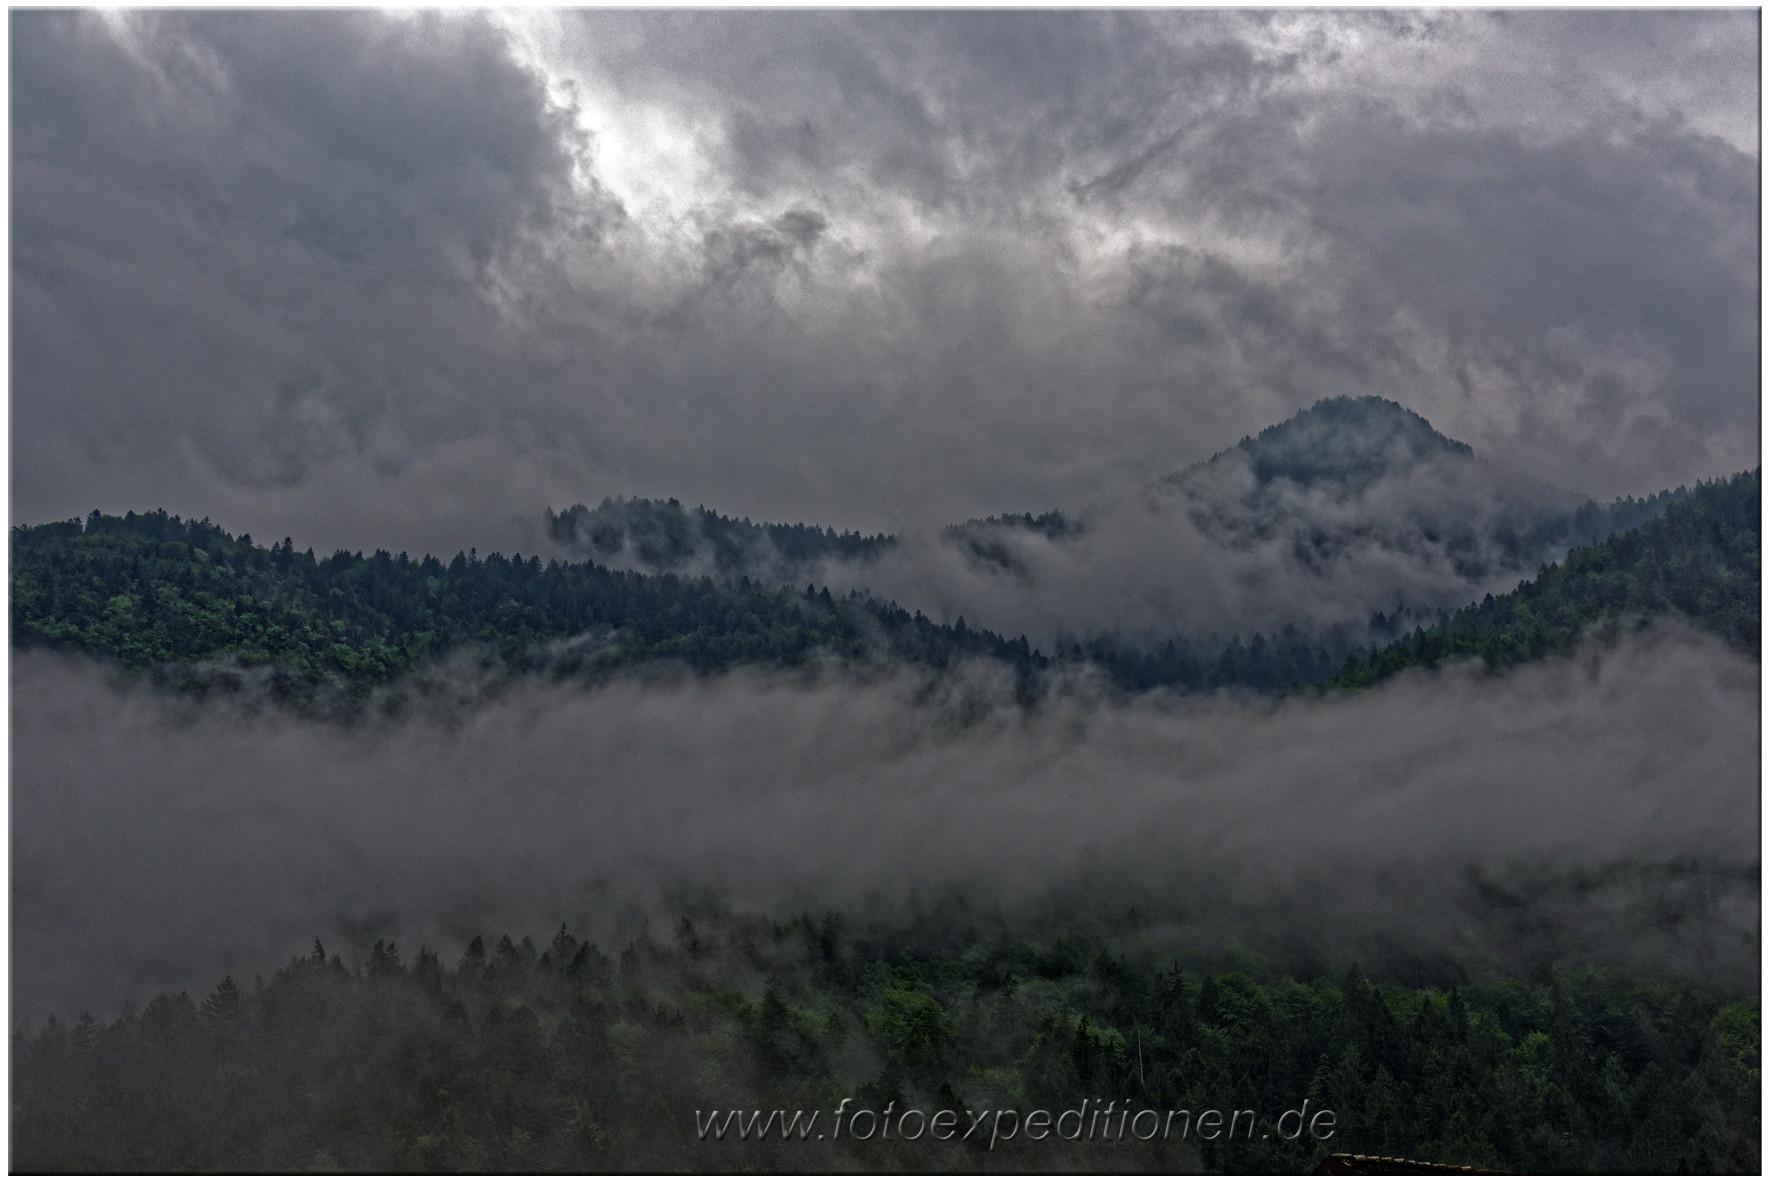 Wolkenstimmung am Berg Montserrat, Spanien